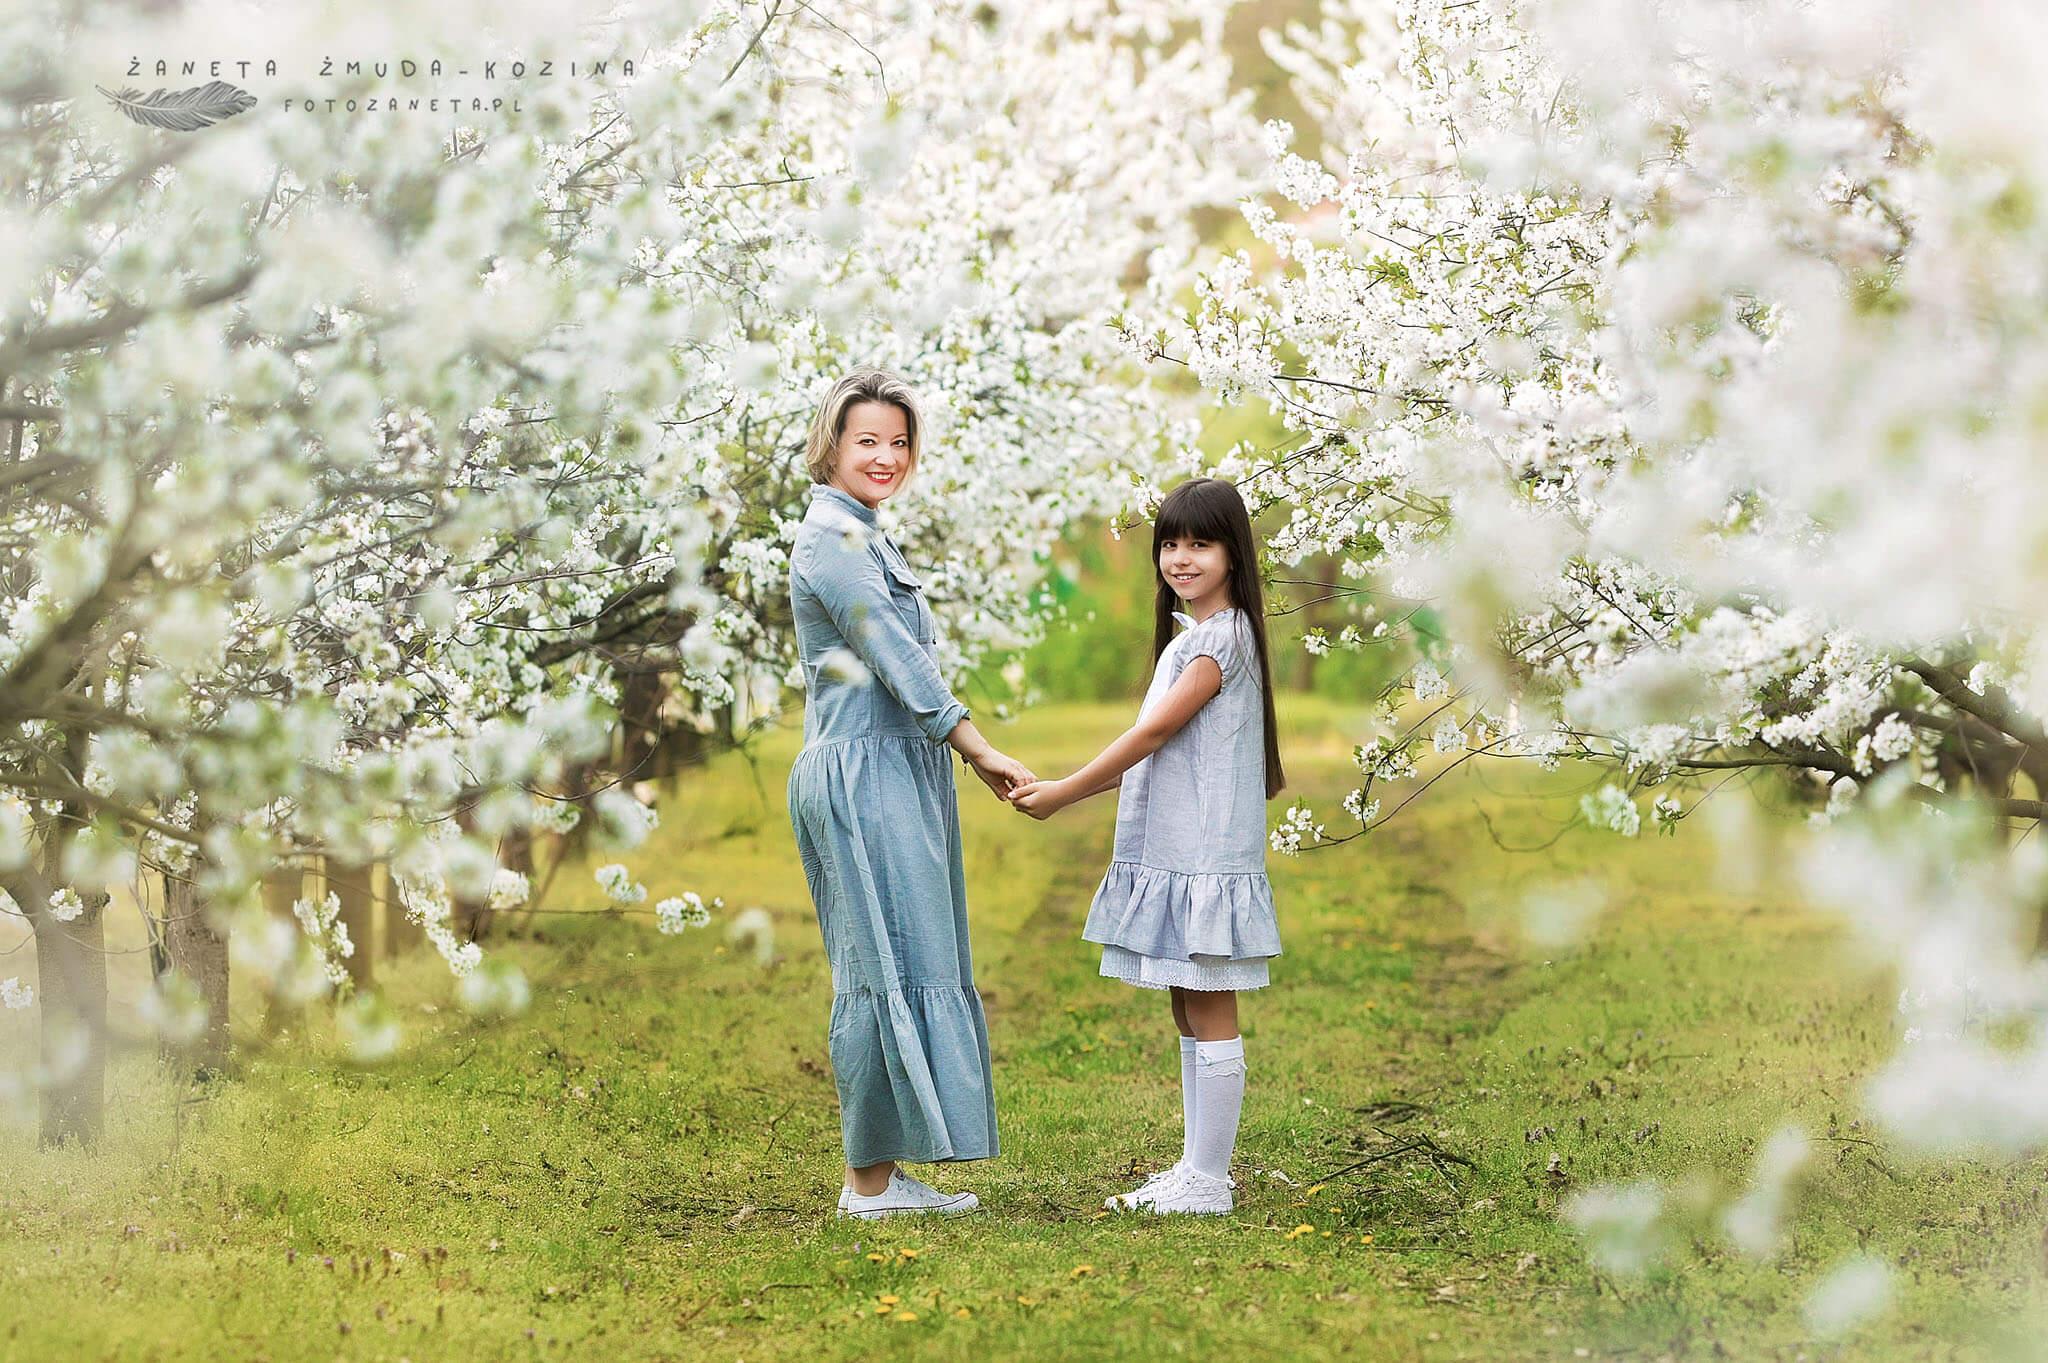 FotoZaneta sesja rodzinna w sadzie Pomiechówek